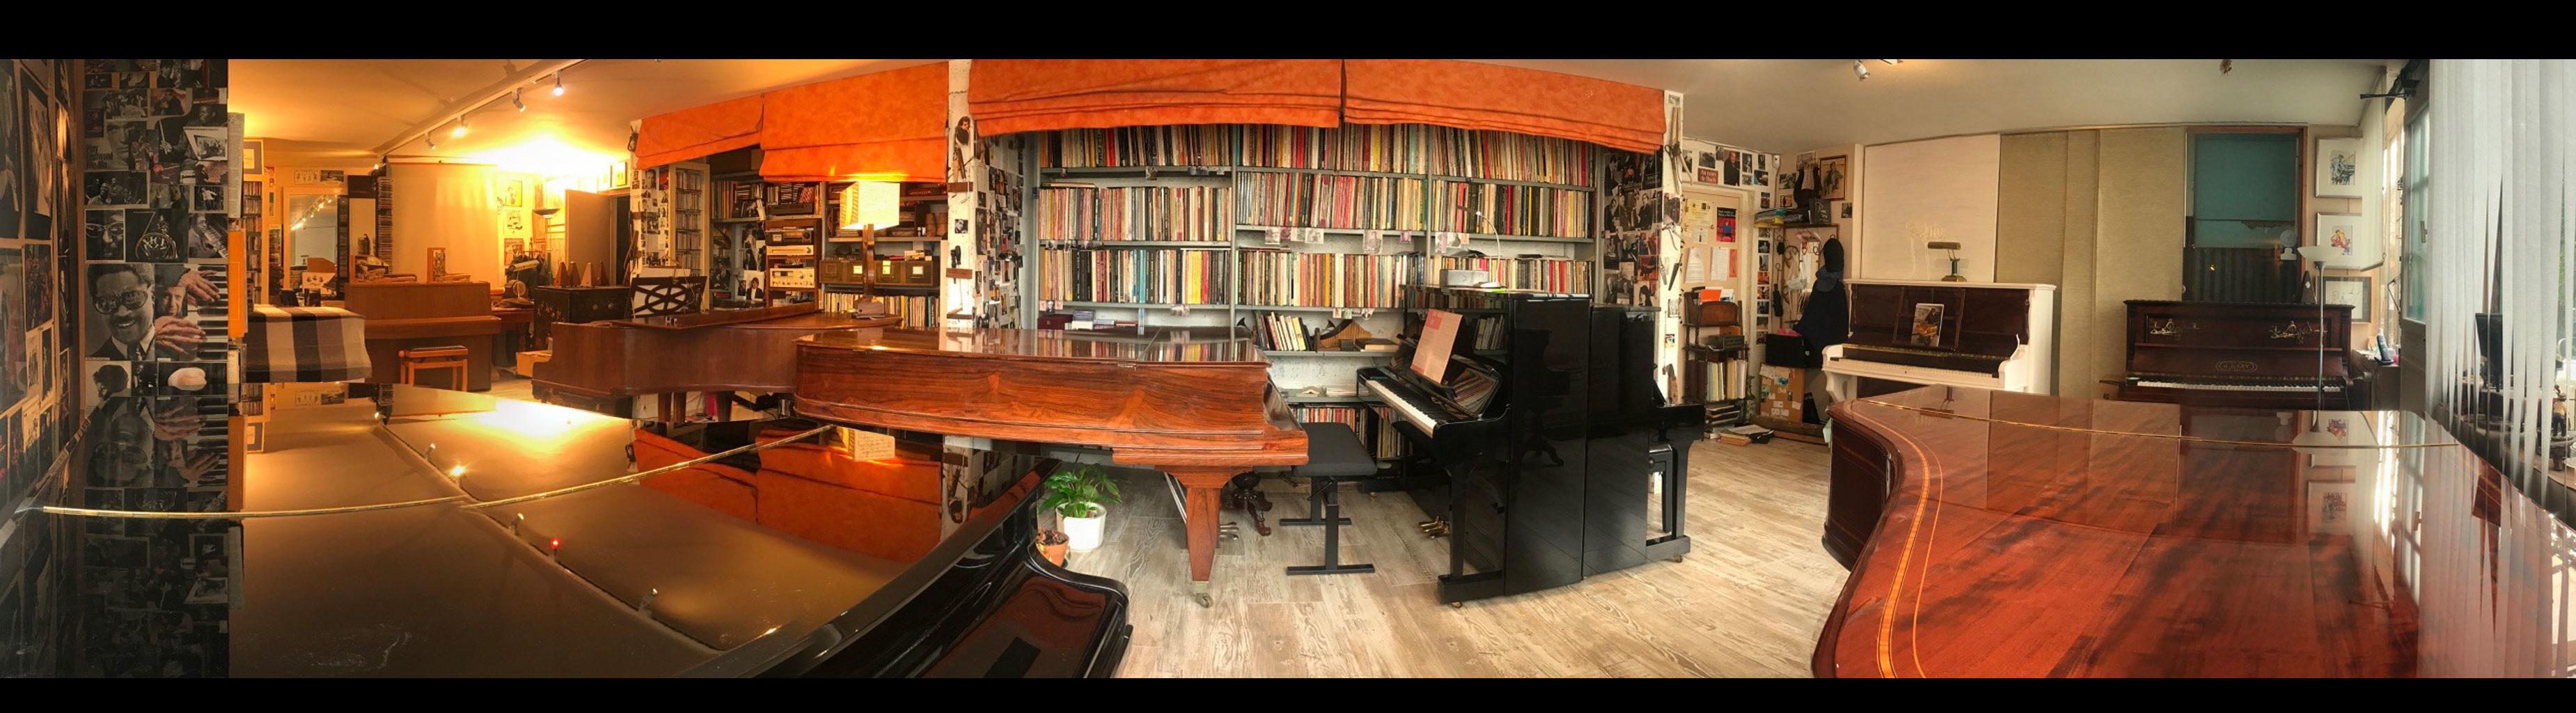 VITAL ROMET vous reçoit dans ses locaux pour répondre à vos interrogations en matière de réparation et rénovation de pianos, vente et location de pianos, en vue d'établir avec vous un devis gratuit répondant à vos attentes, tout en respectant vos obligations financières.